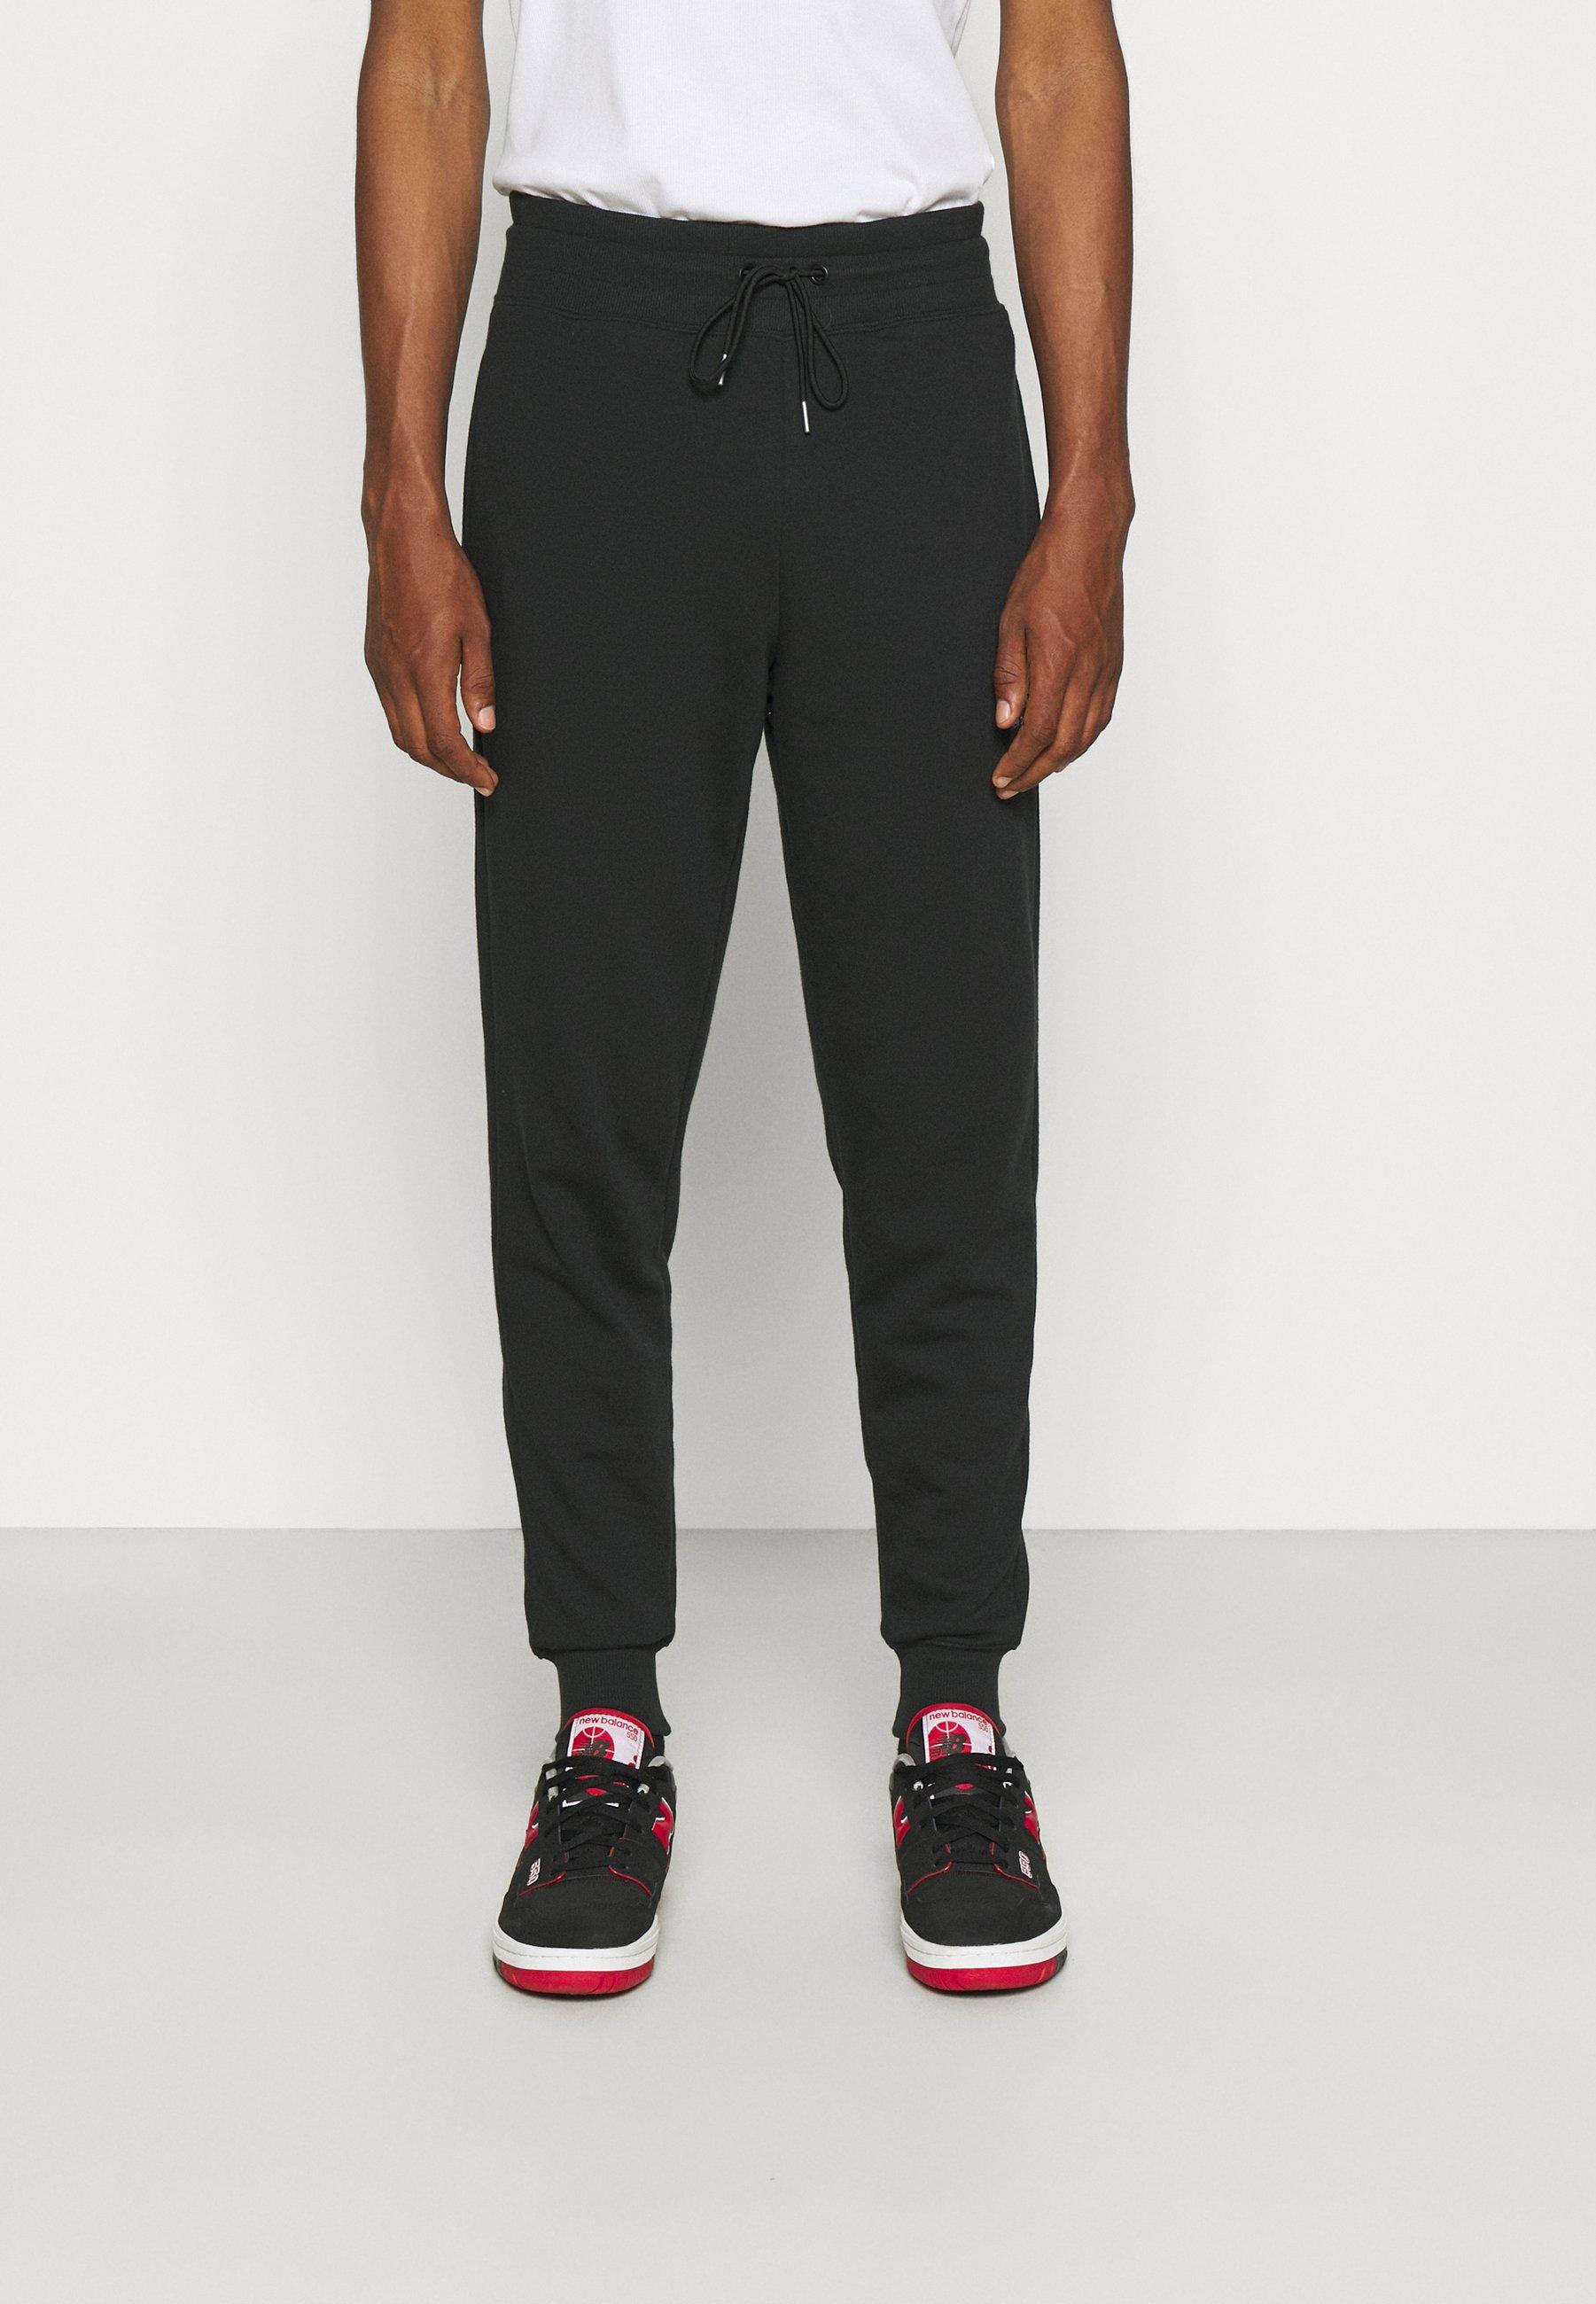 Homme ESSENTIALS EMBRIODERED PANT - Pantalon de survêtement